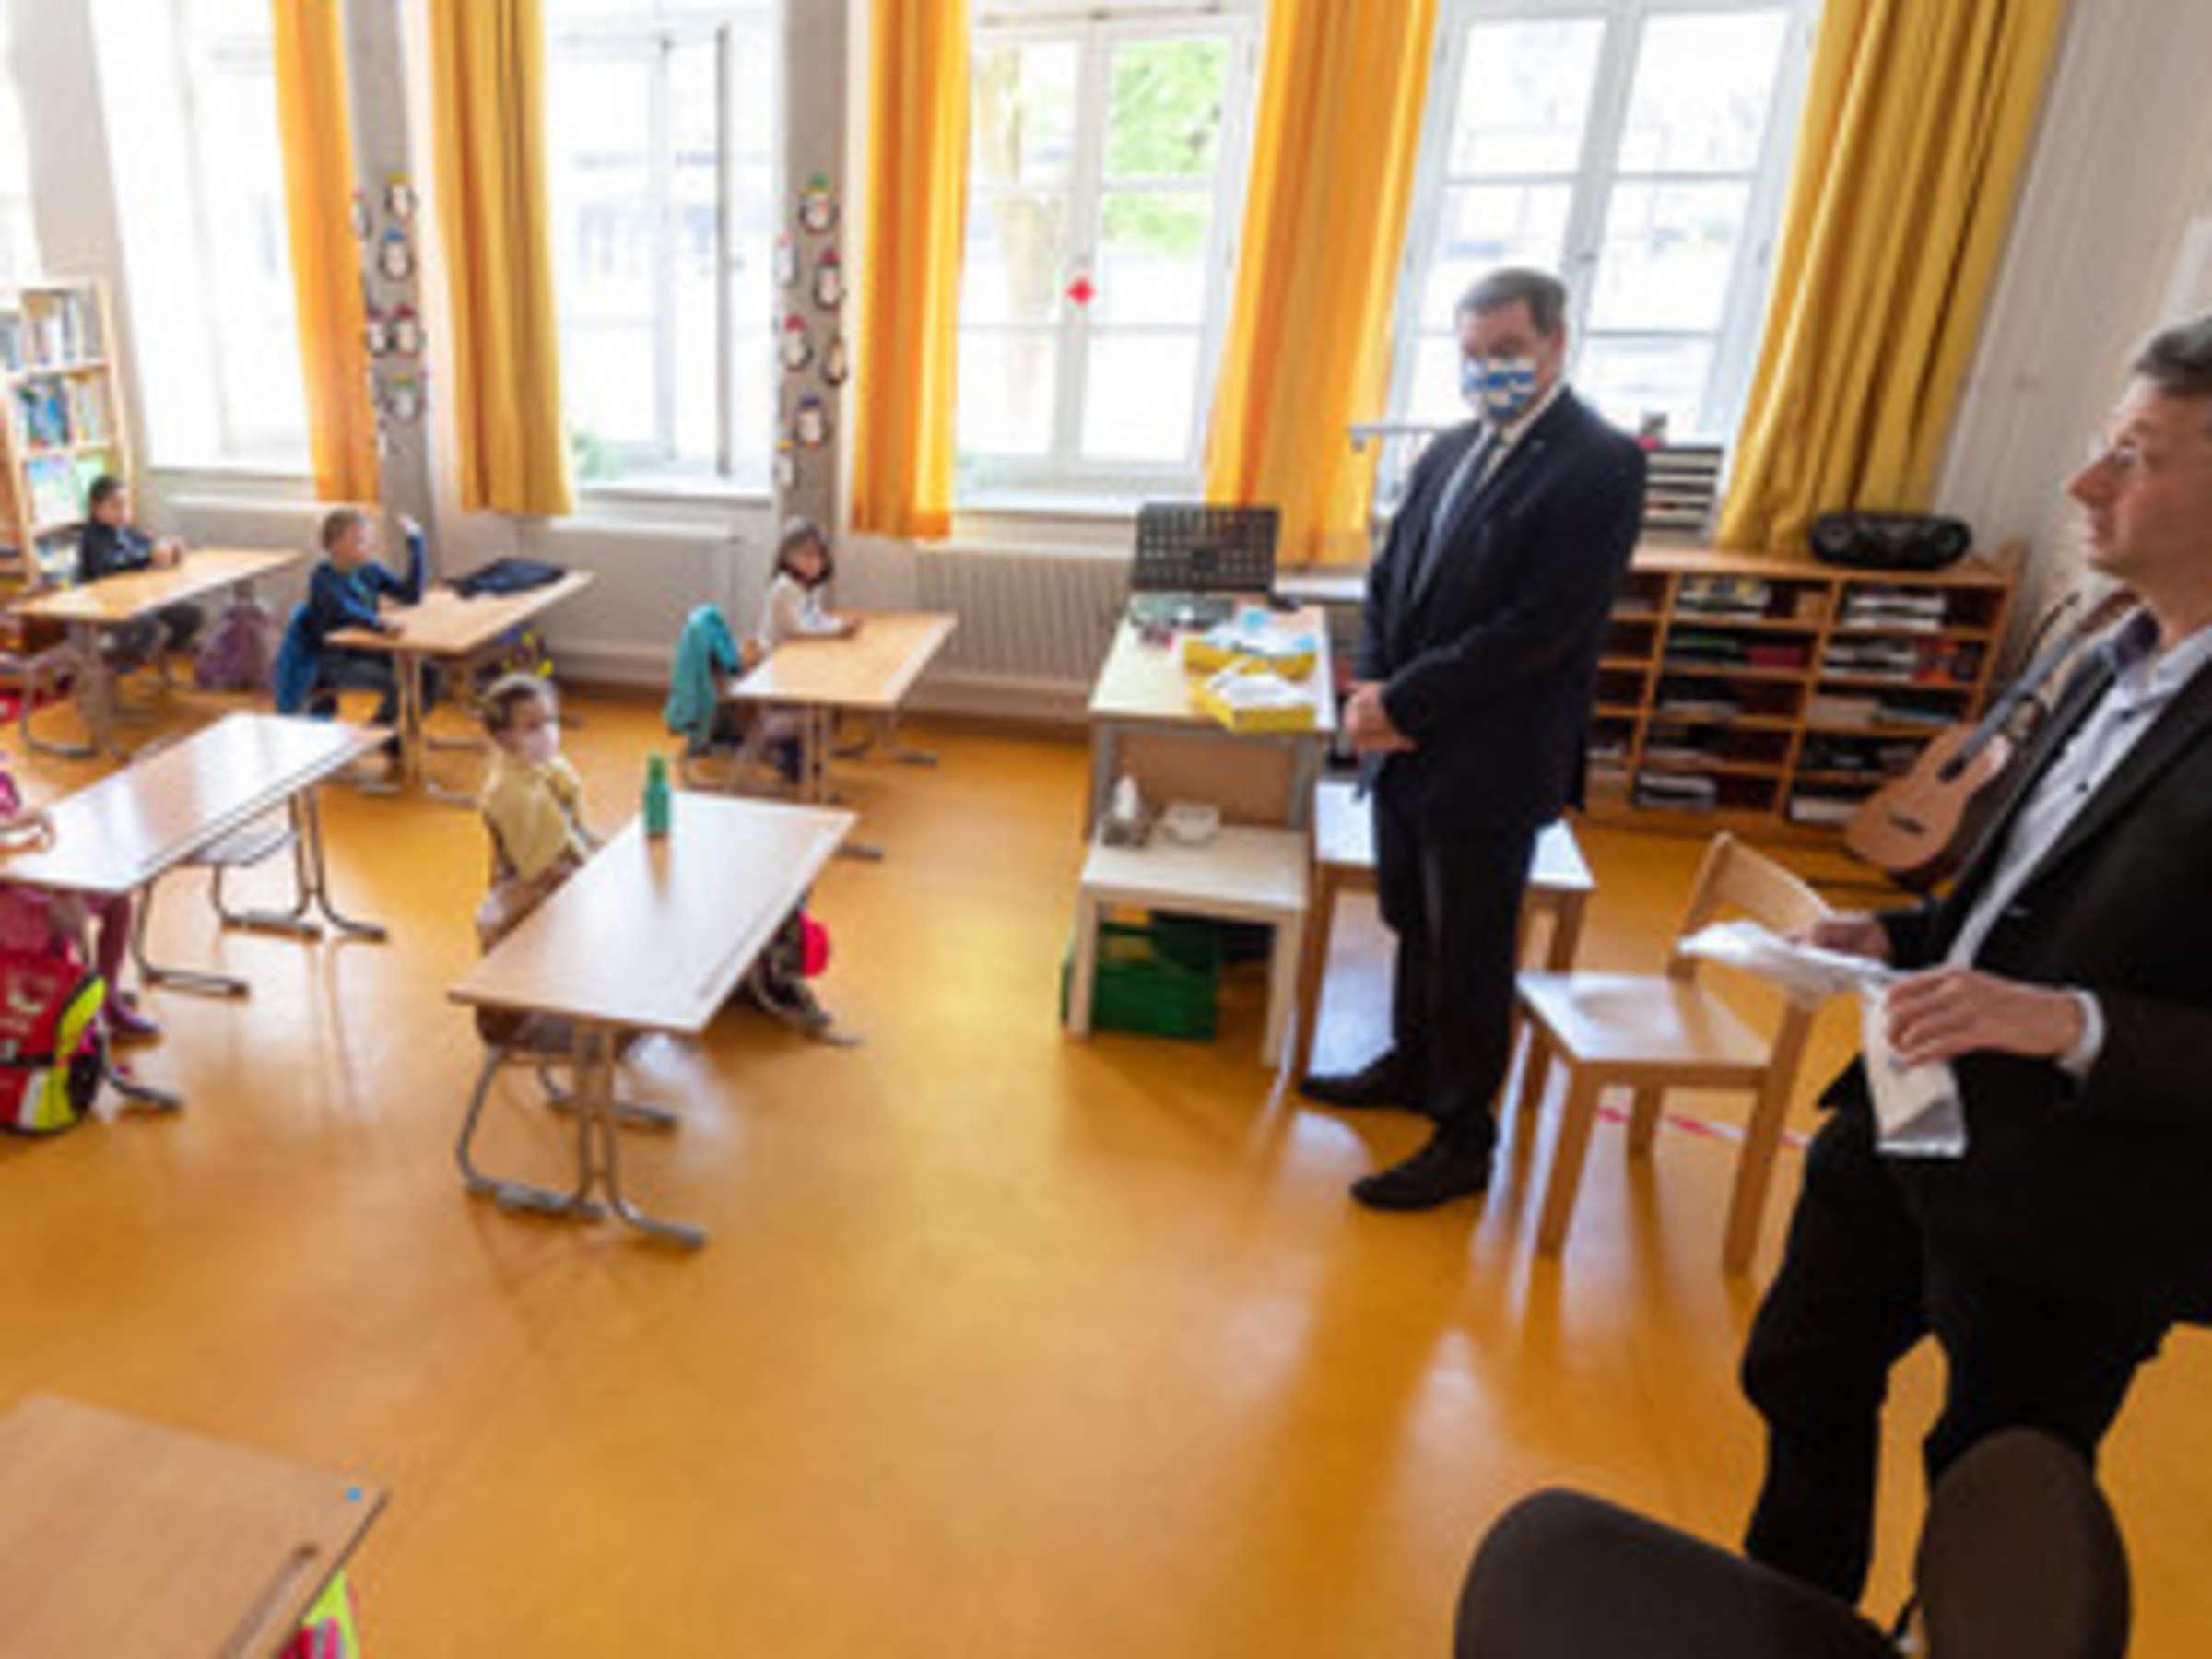 Neustart An Bayerns Schulen Nach Den Sommerferien Minister Piazolo Sieht Vier Szenarien Bayern